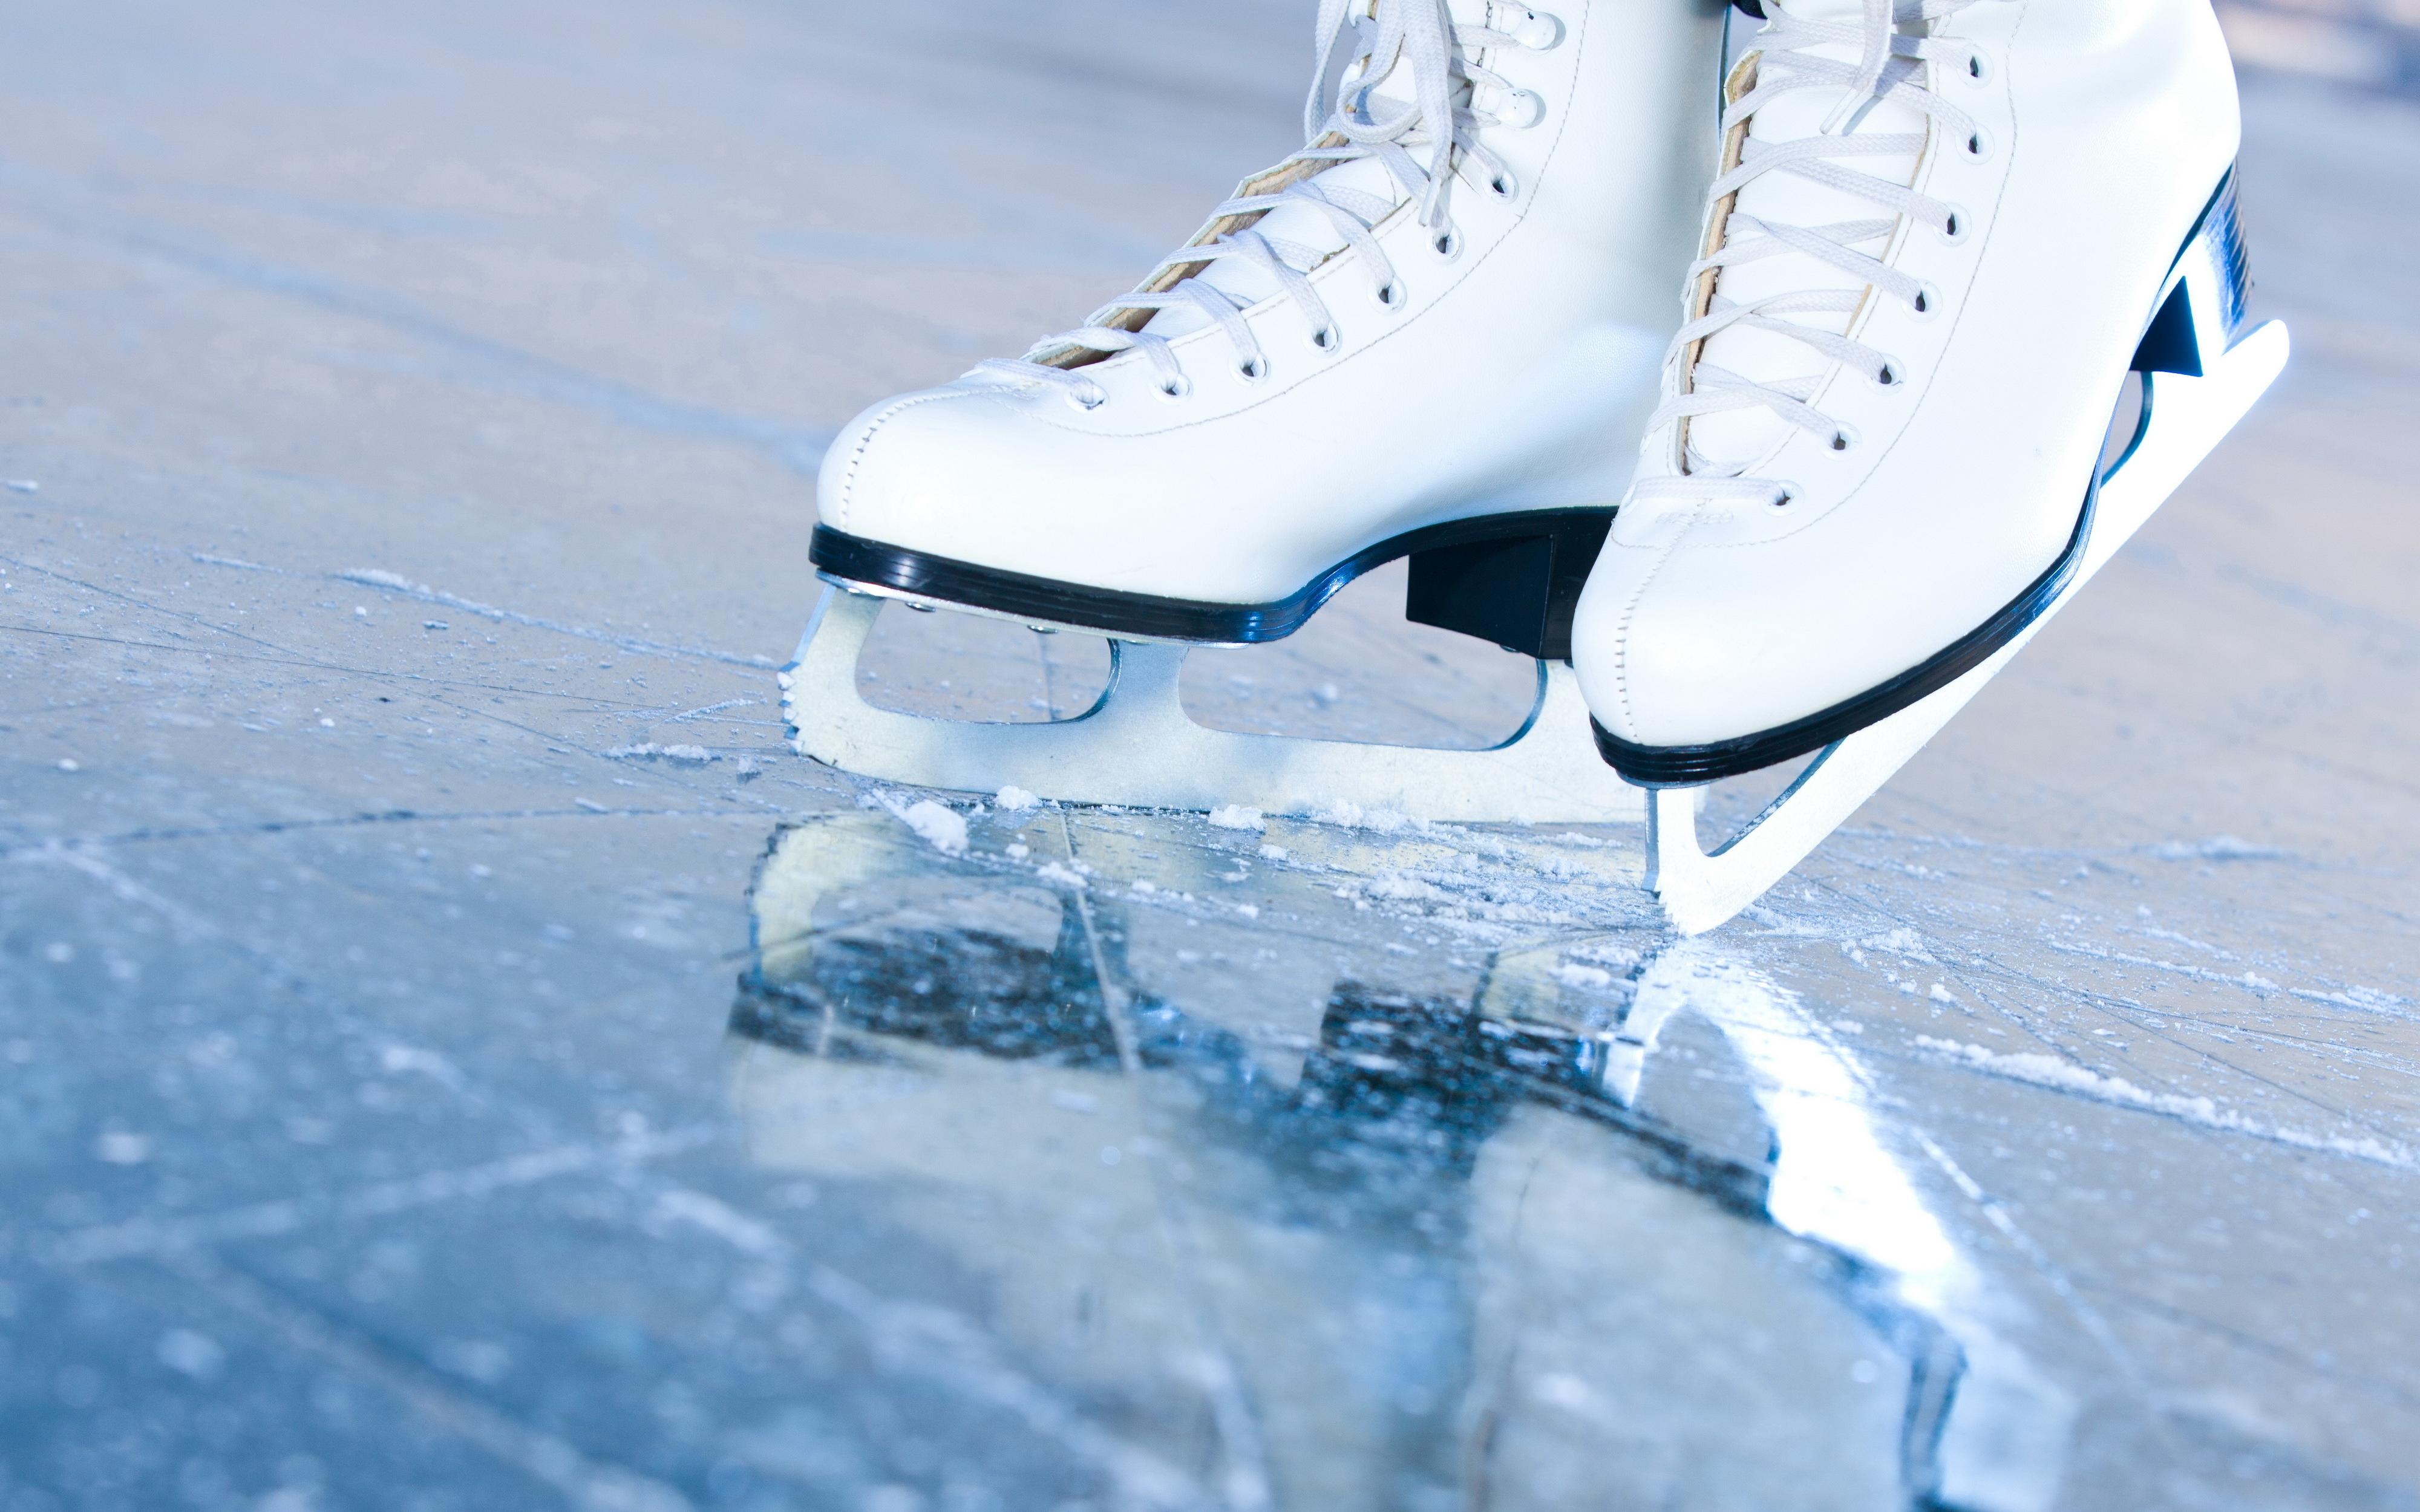 Palaghiaccio Sill- Piste di ghiaccio